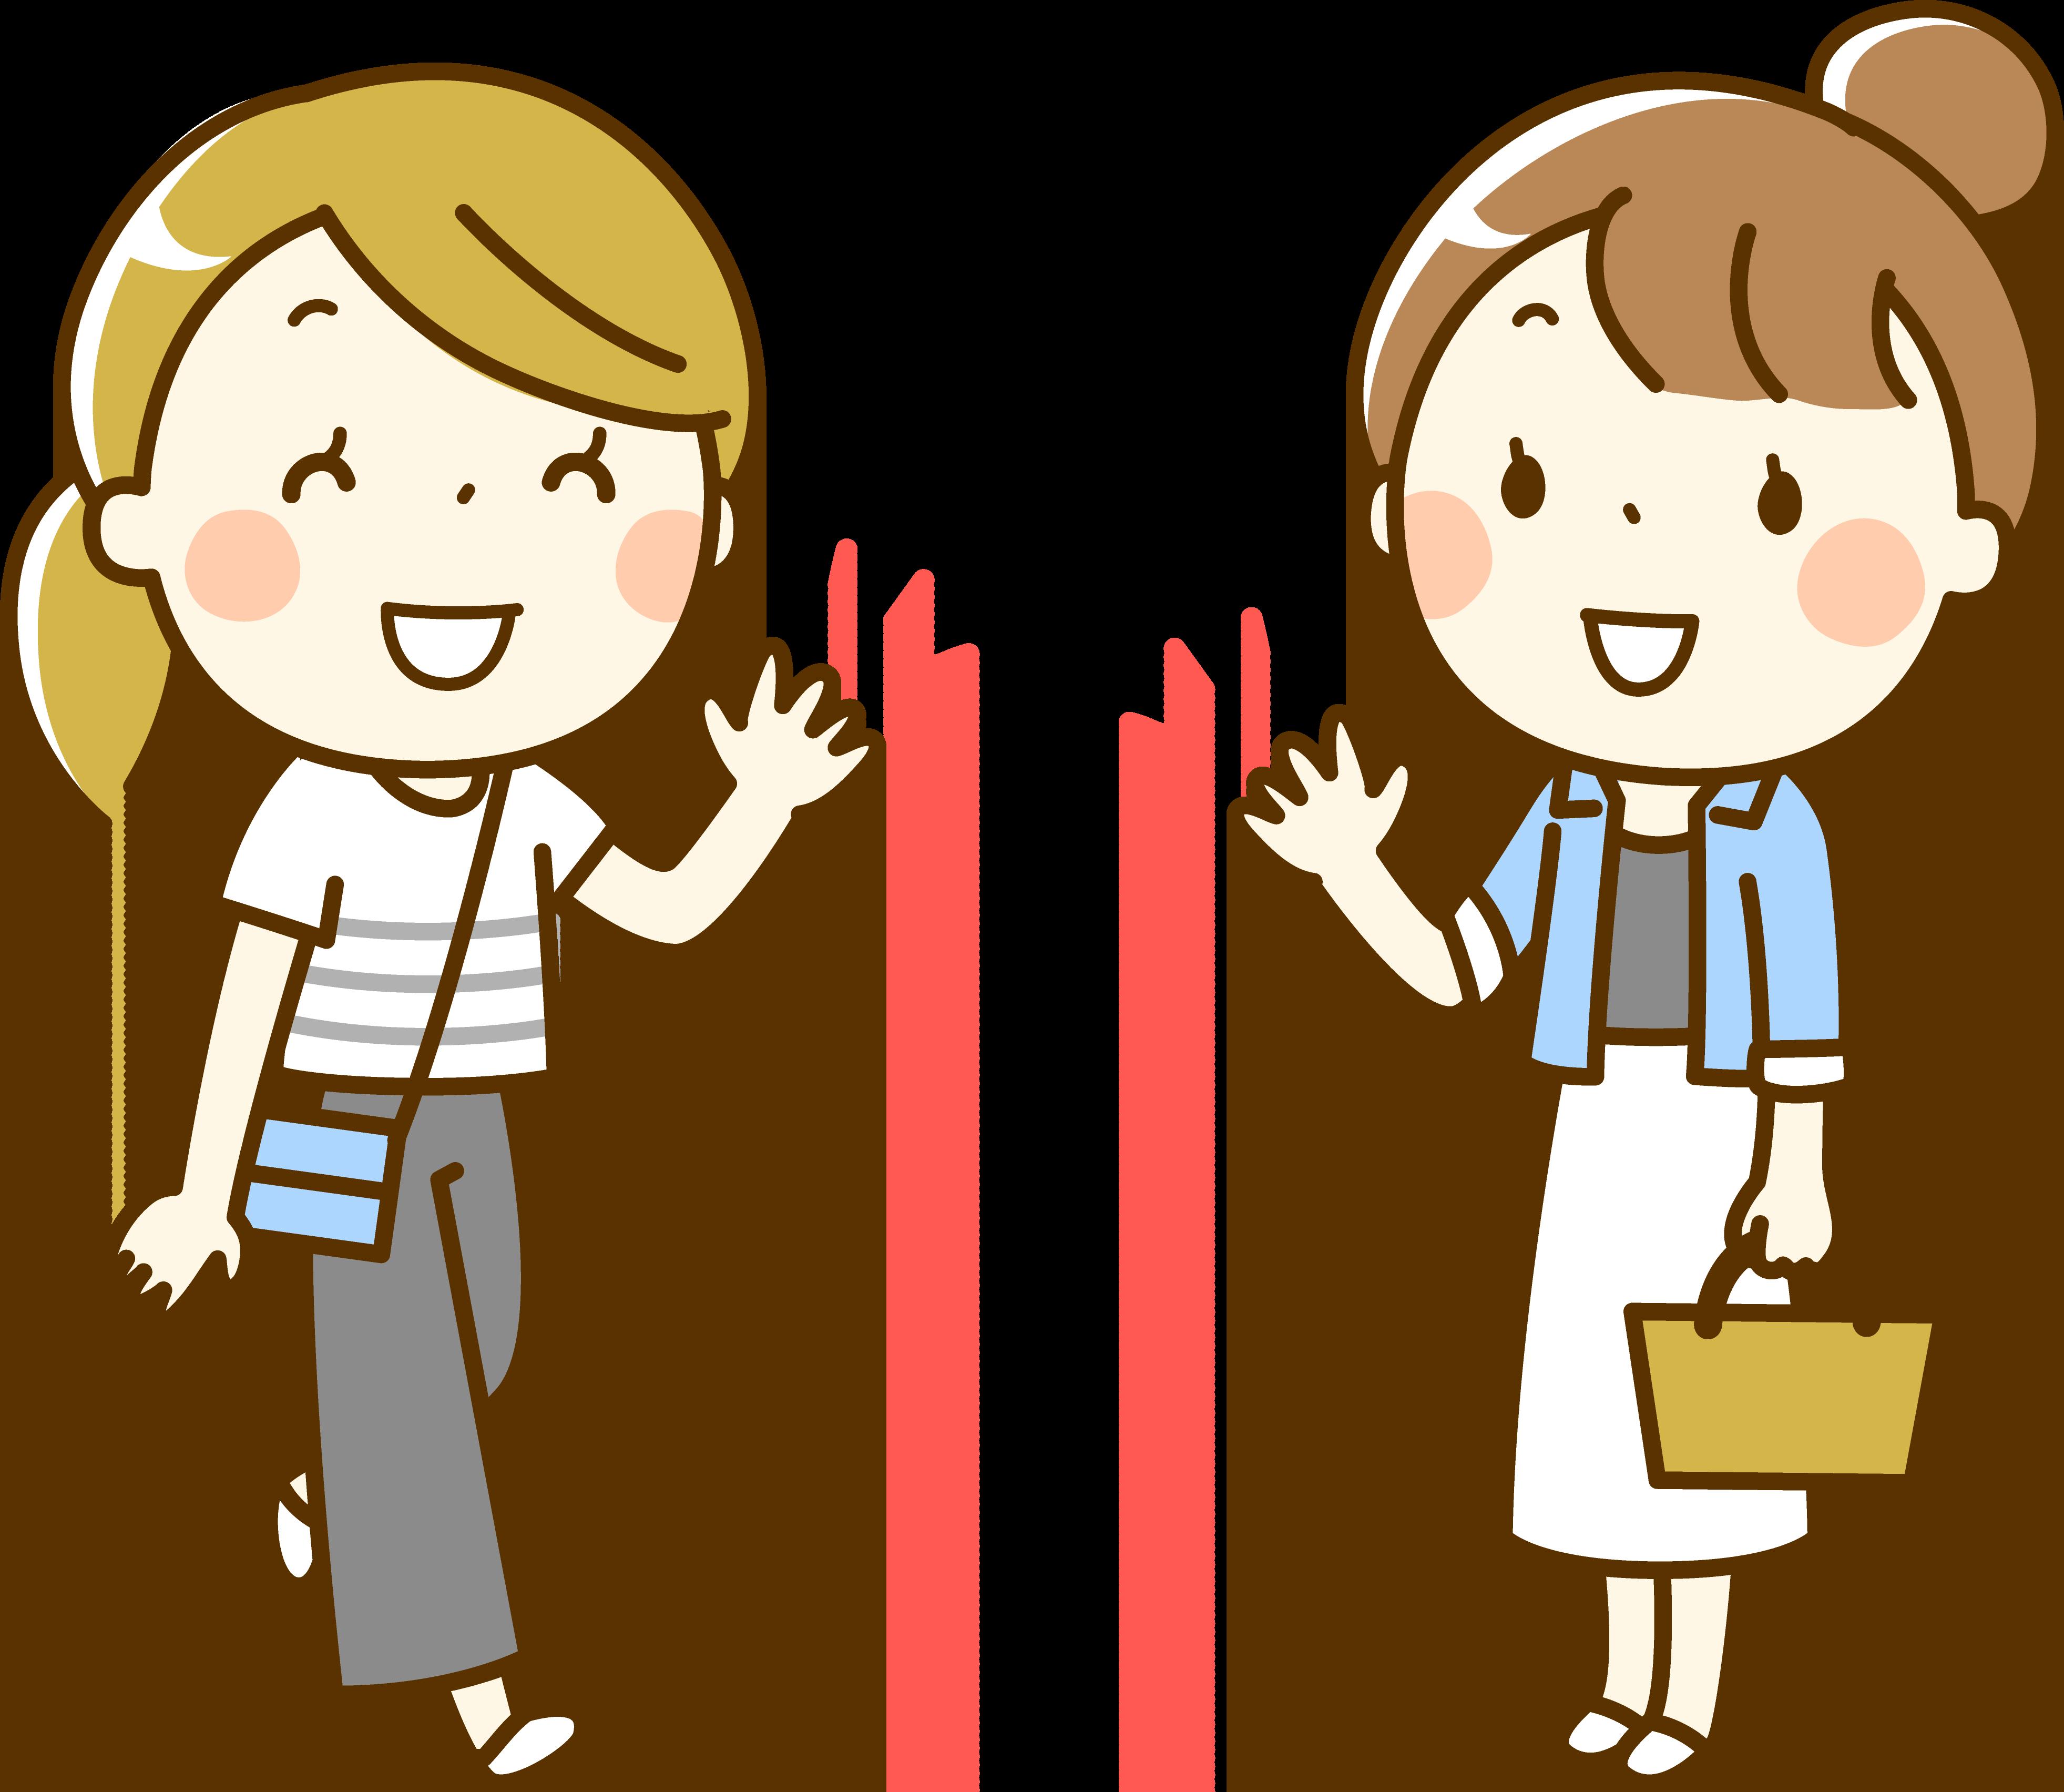 【オノマトペ】ばったりの意味と例文